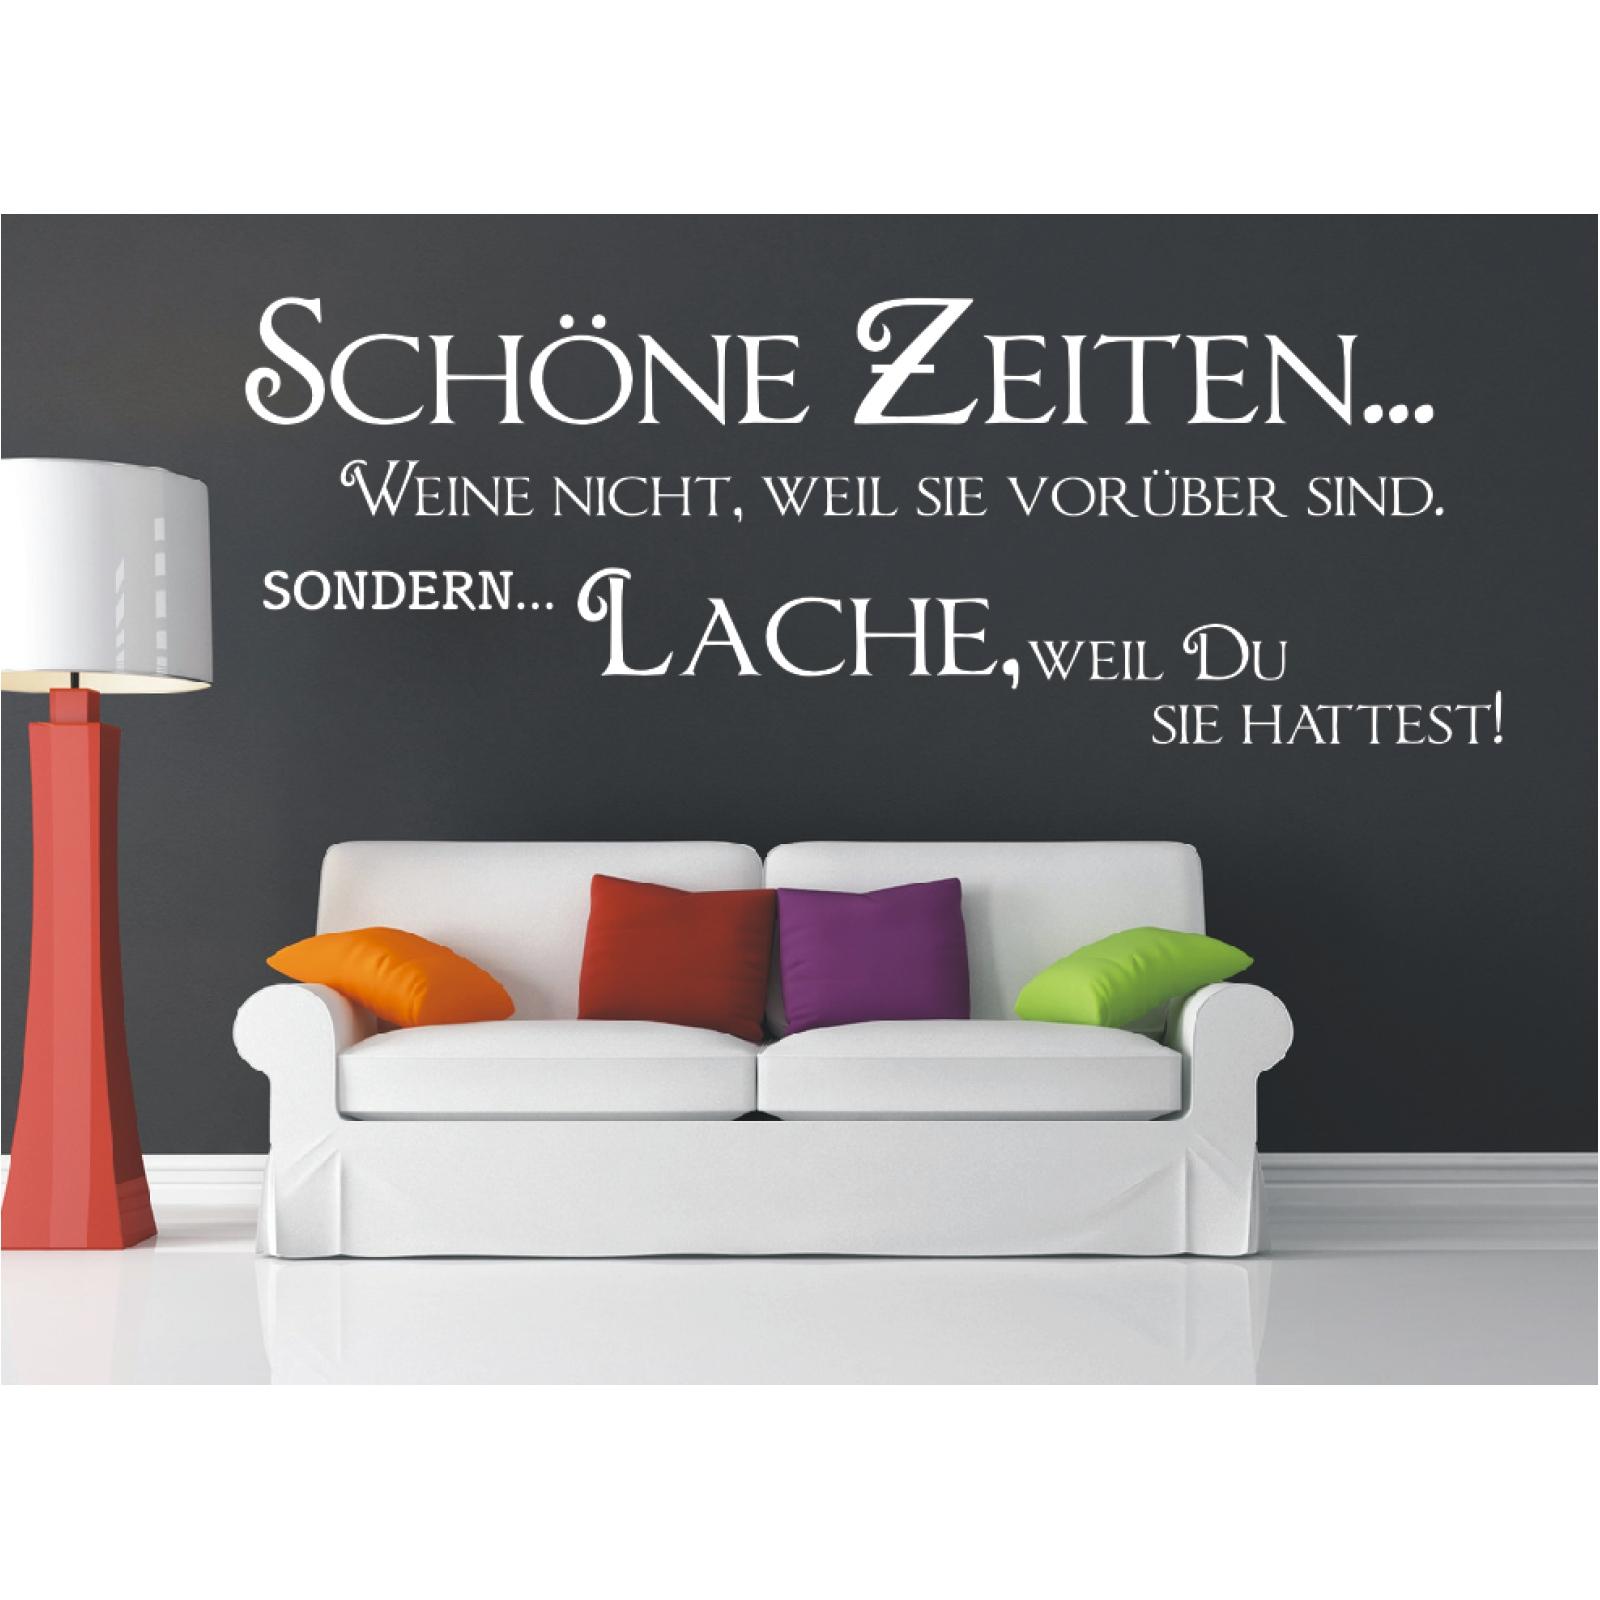 Spruch-WANDTATTOO-Schoene-Zeiten-Lache-Du-Wandsticker-Wandaufkleber-Sticker-9